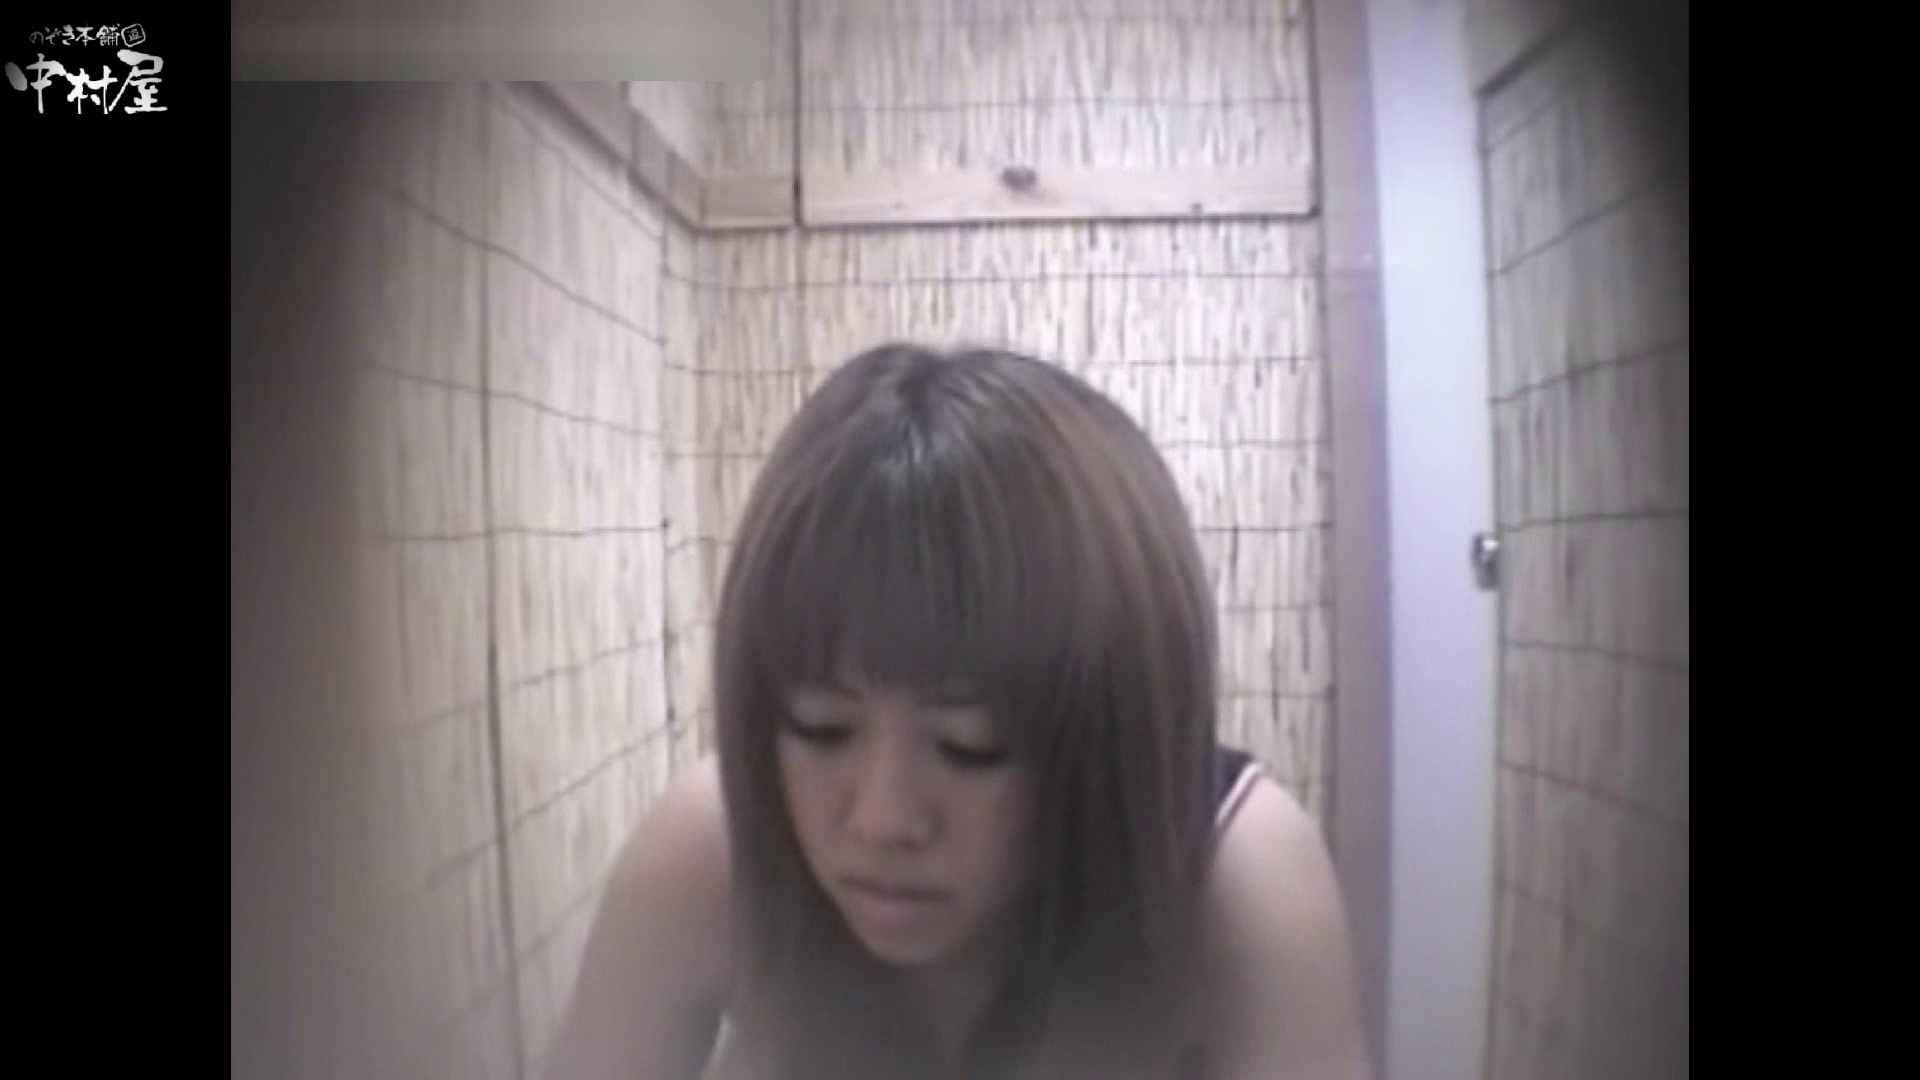 解禁!海の家4カメ洗面所vol.50 人気シリーズ オマンコ無修正動画無料 53連発 17